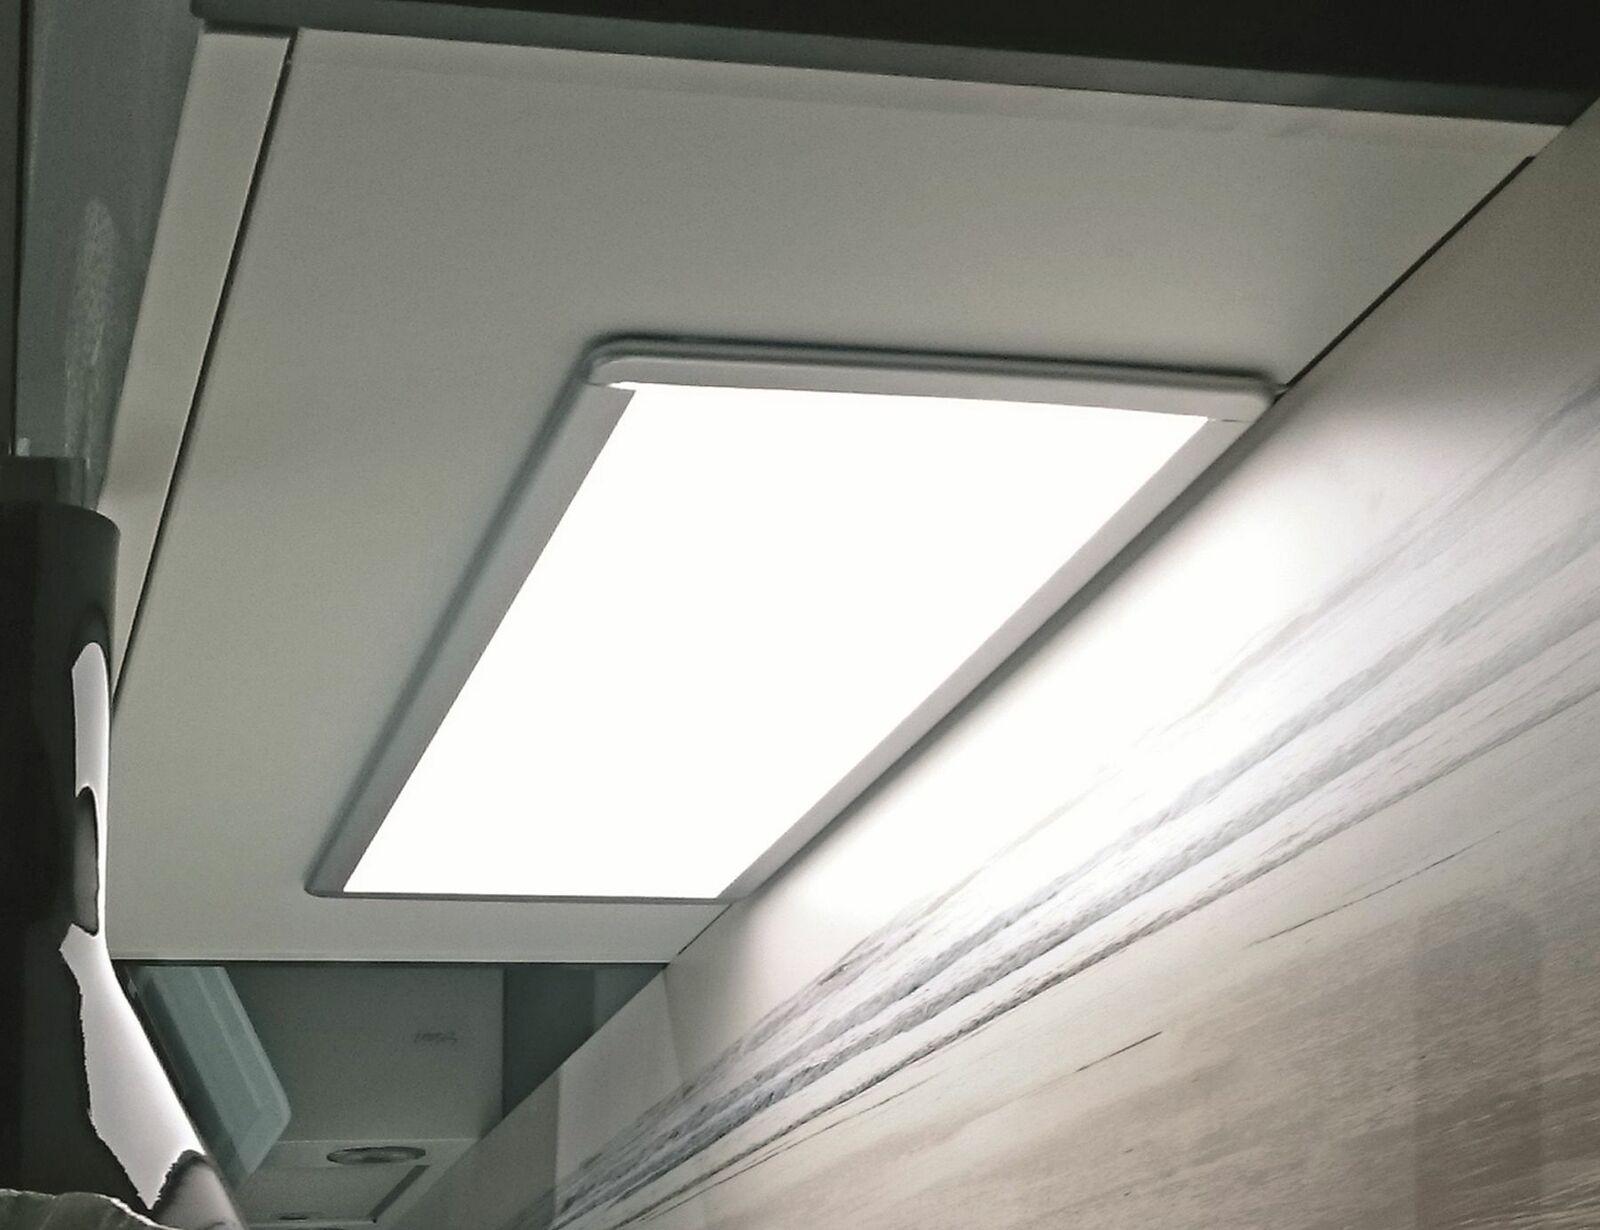 Flächen-LED Licht Panel Pine 15 W ohne Schalter Unterbauleuchte warmweiß  *30660